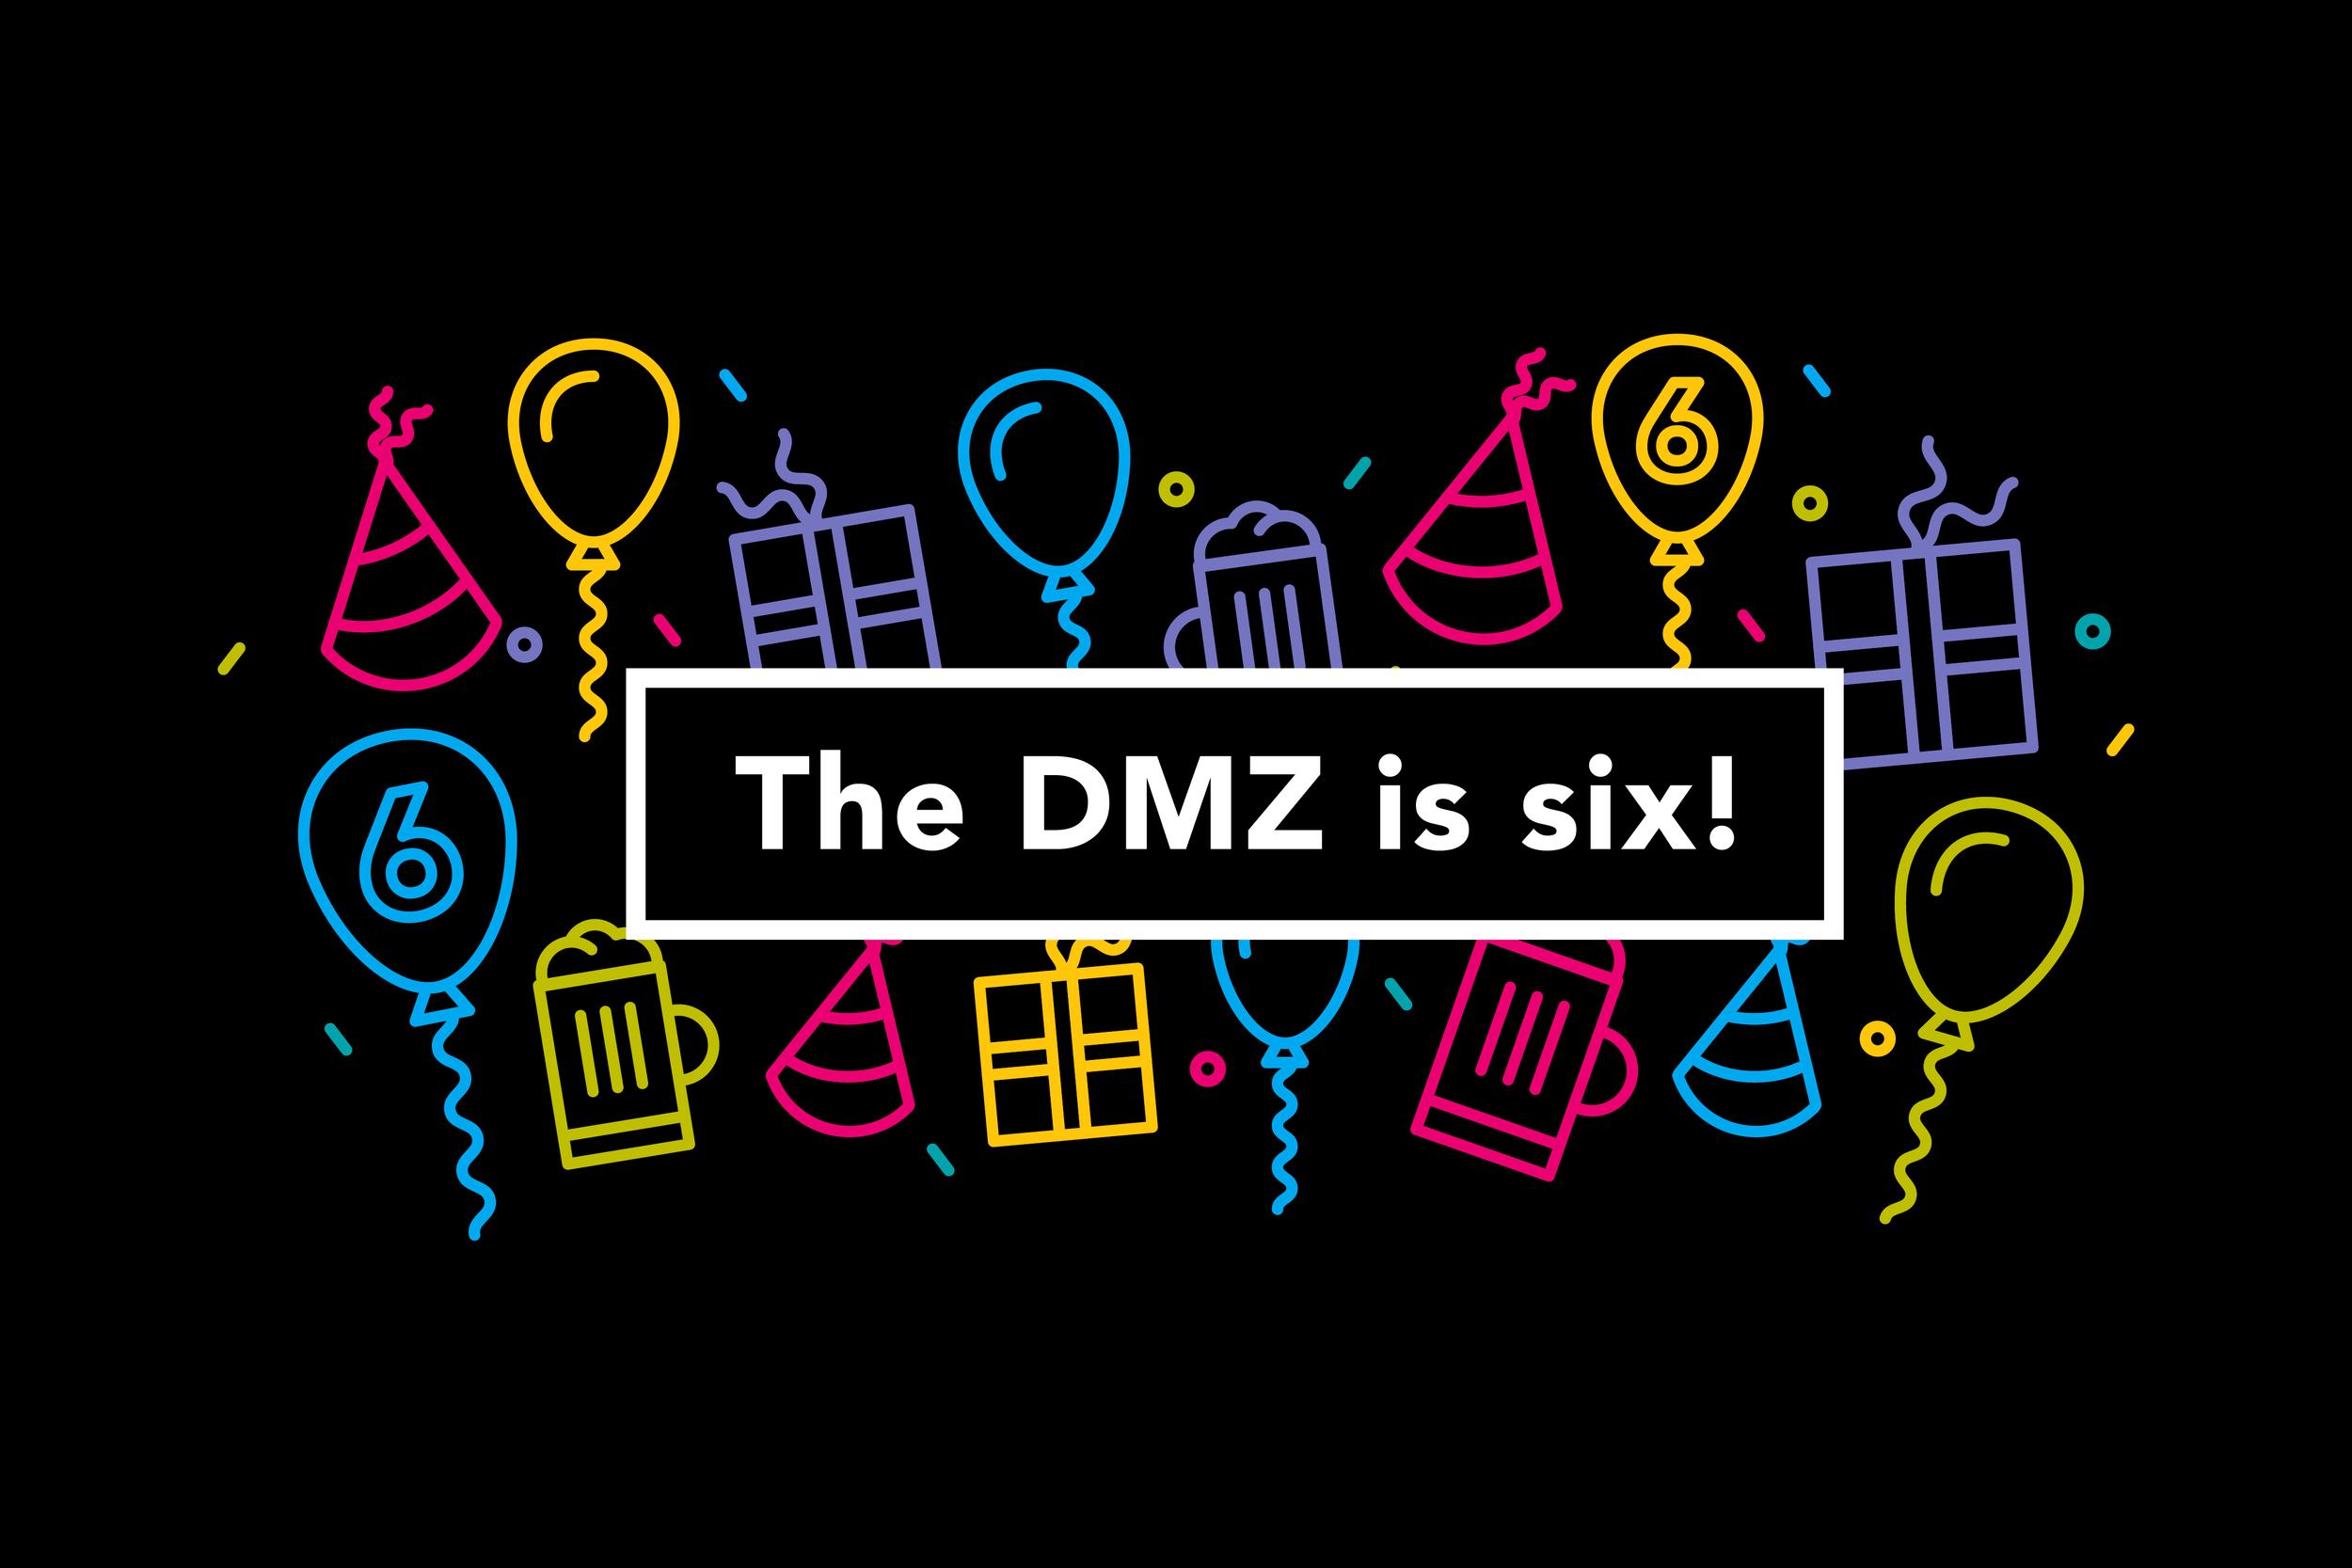 DMZ_Cakegraphic-01.jpg